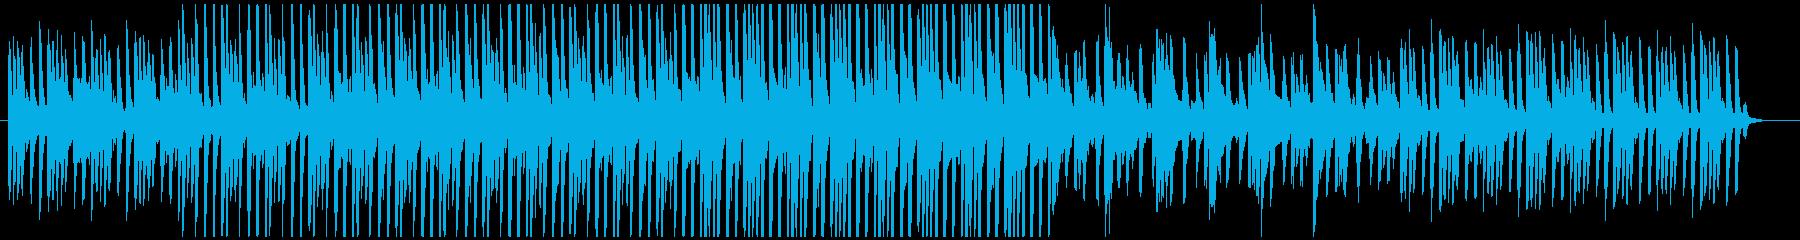 実験や科学をイメージしたピアノミニマル風の再生済みの波形